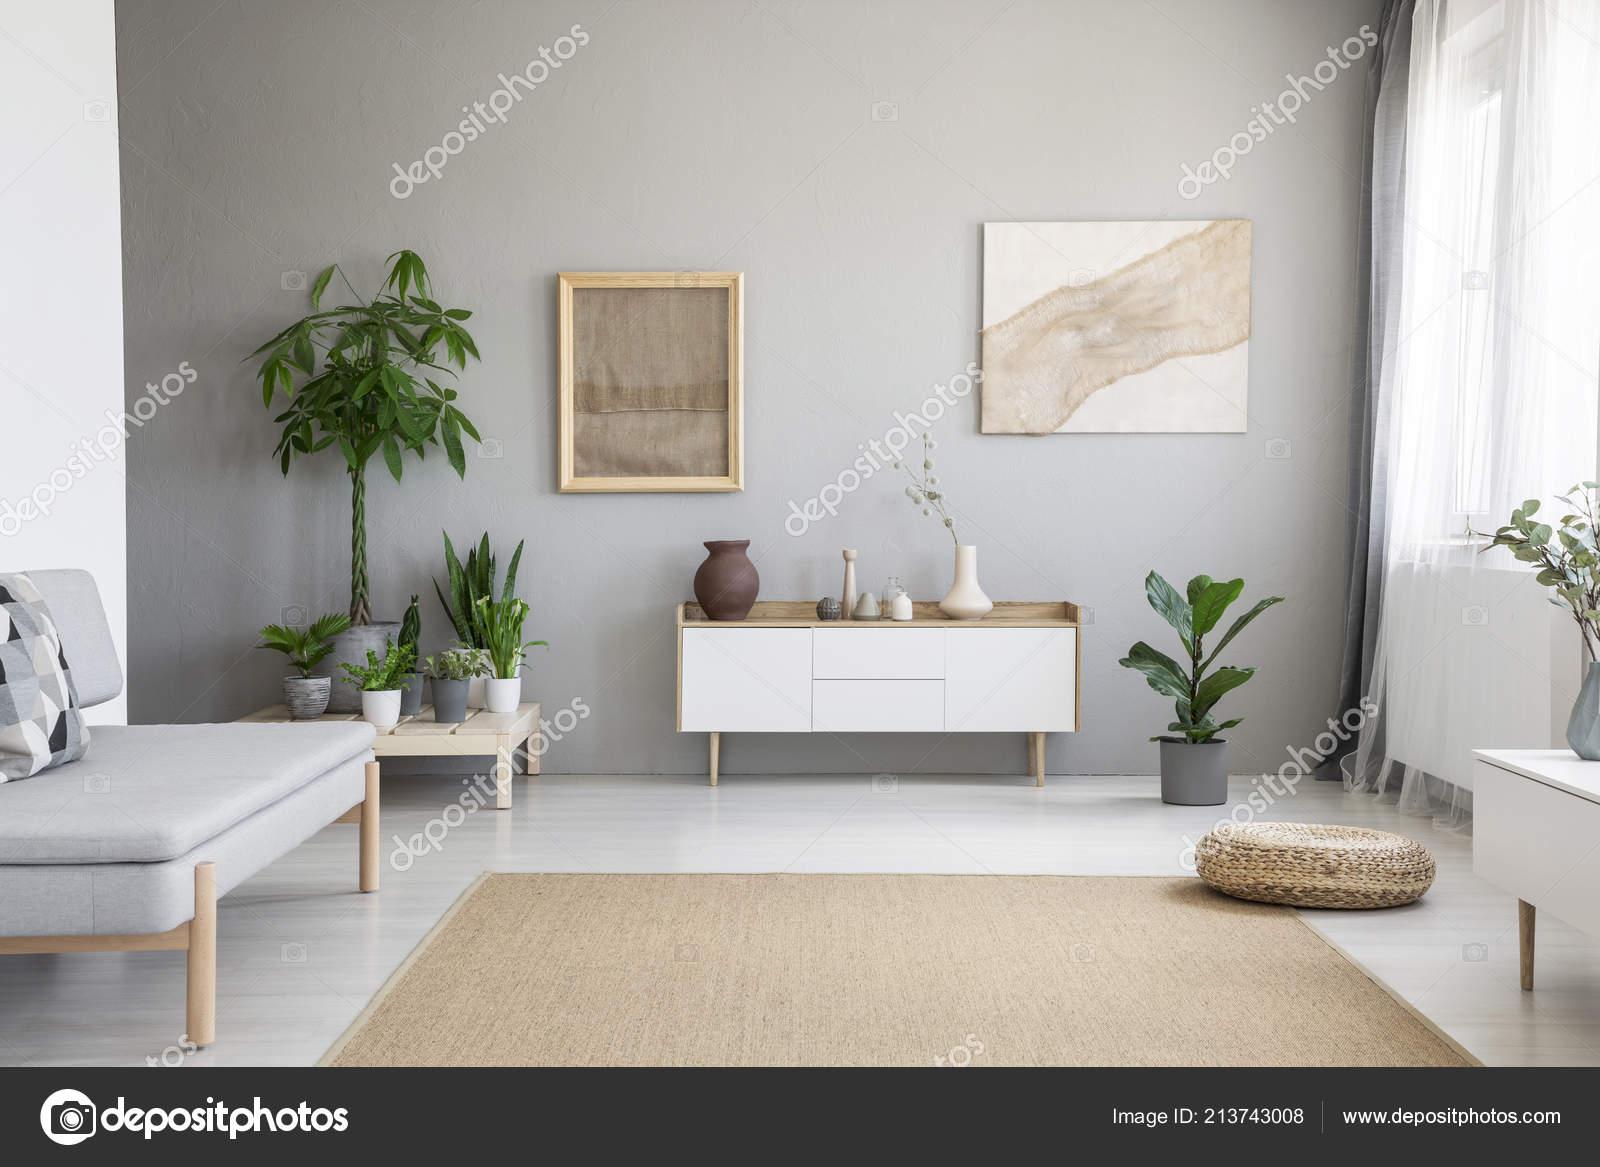 Affiches Sur Les Mur Gris Dessus Blanc Armoire Salon Intérieur ...